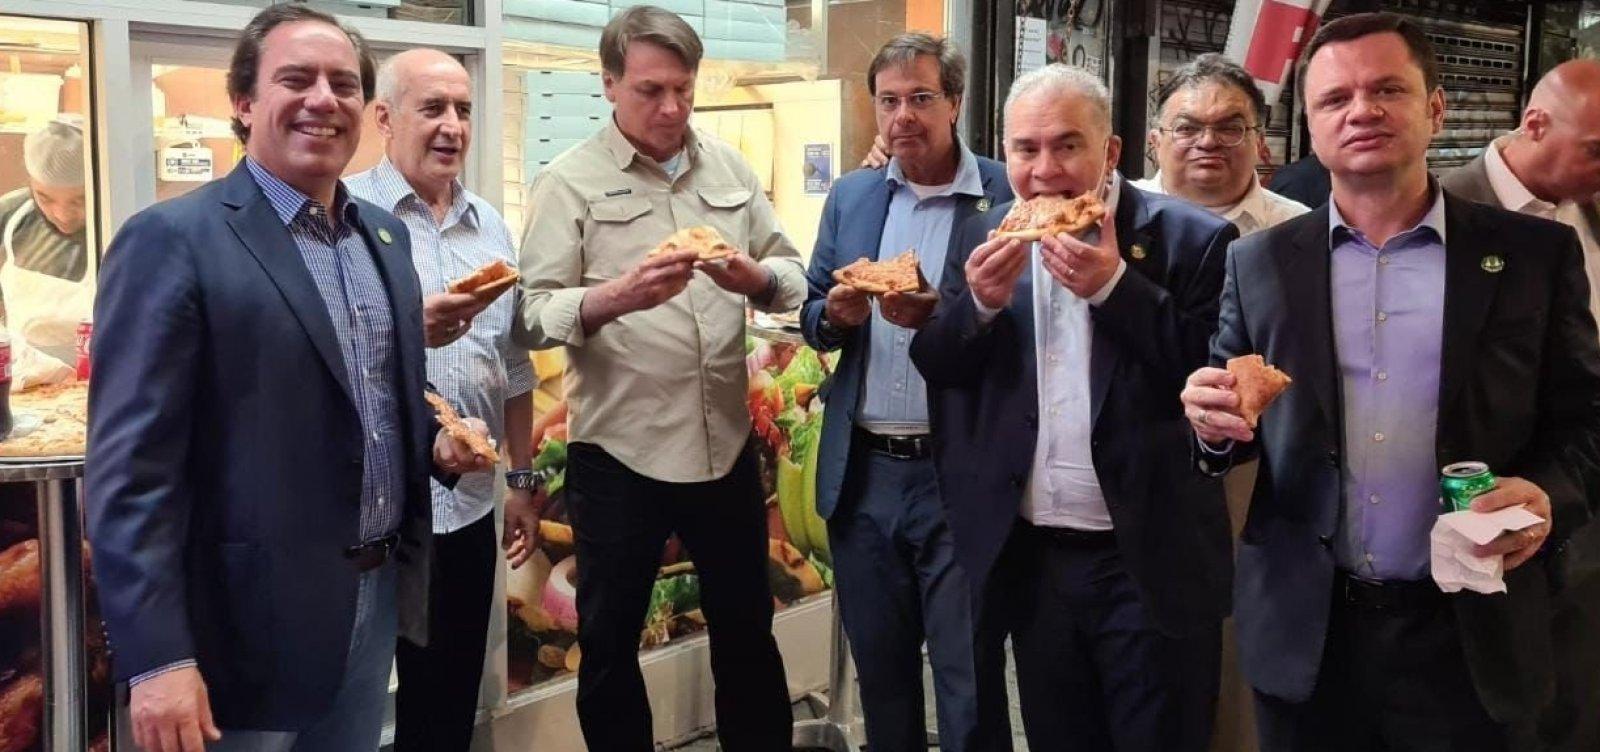 Nos EUA para assembleia da ONU, Bolsonaro entra no hotel pela porta dos fundos e come pizza com aliados